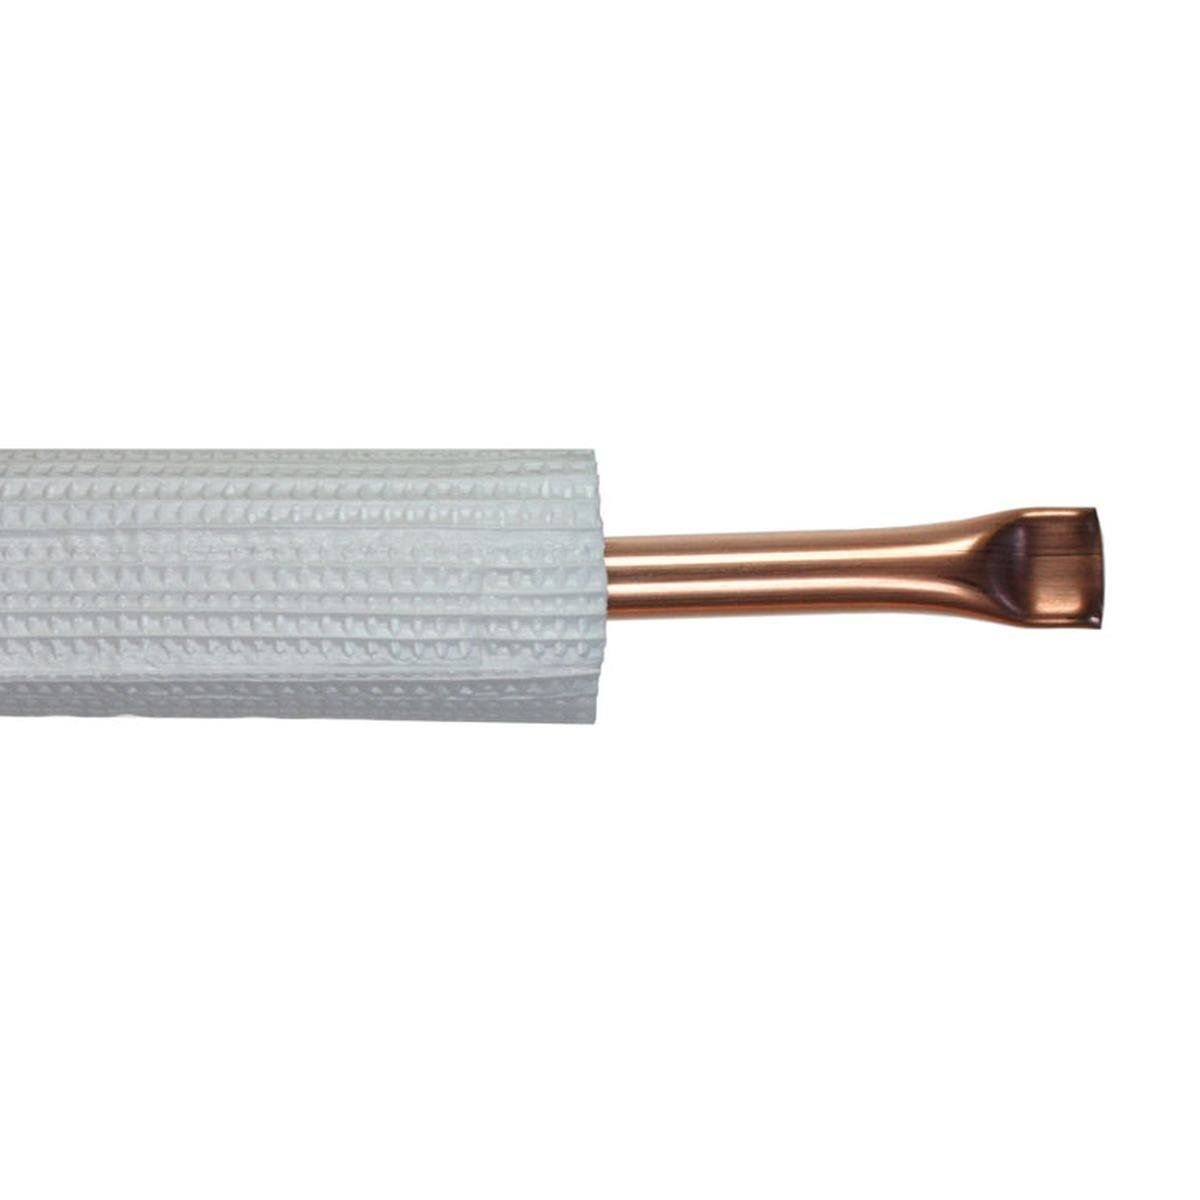 """Kopparrör isolerad enkel 1/2"""" x 0,8 mm. 25 meter"""